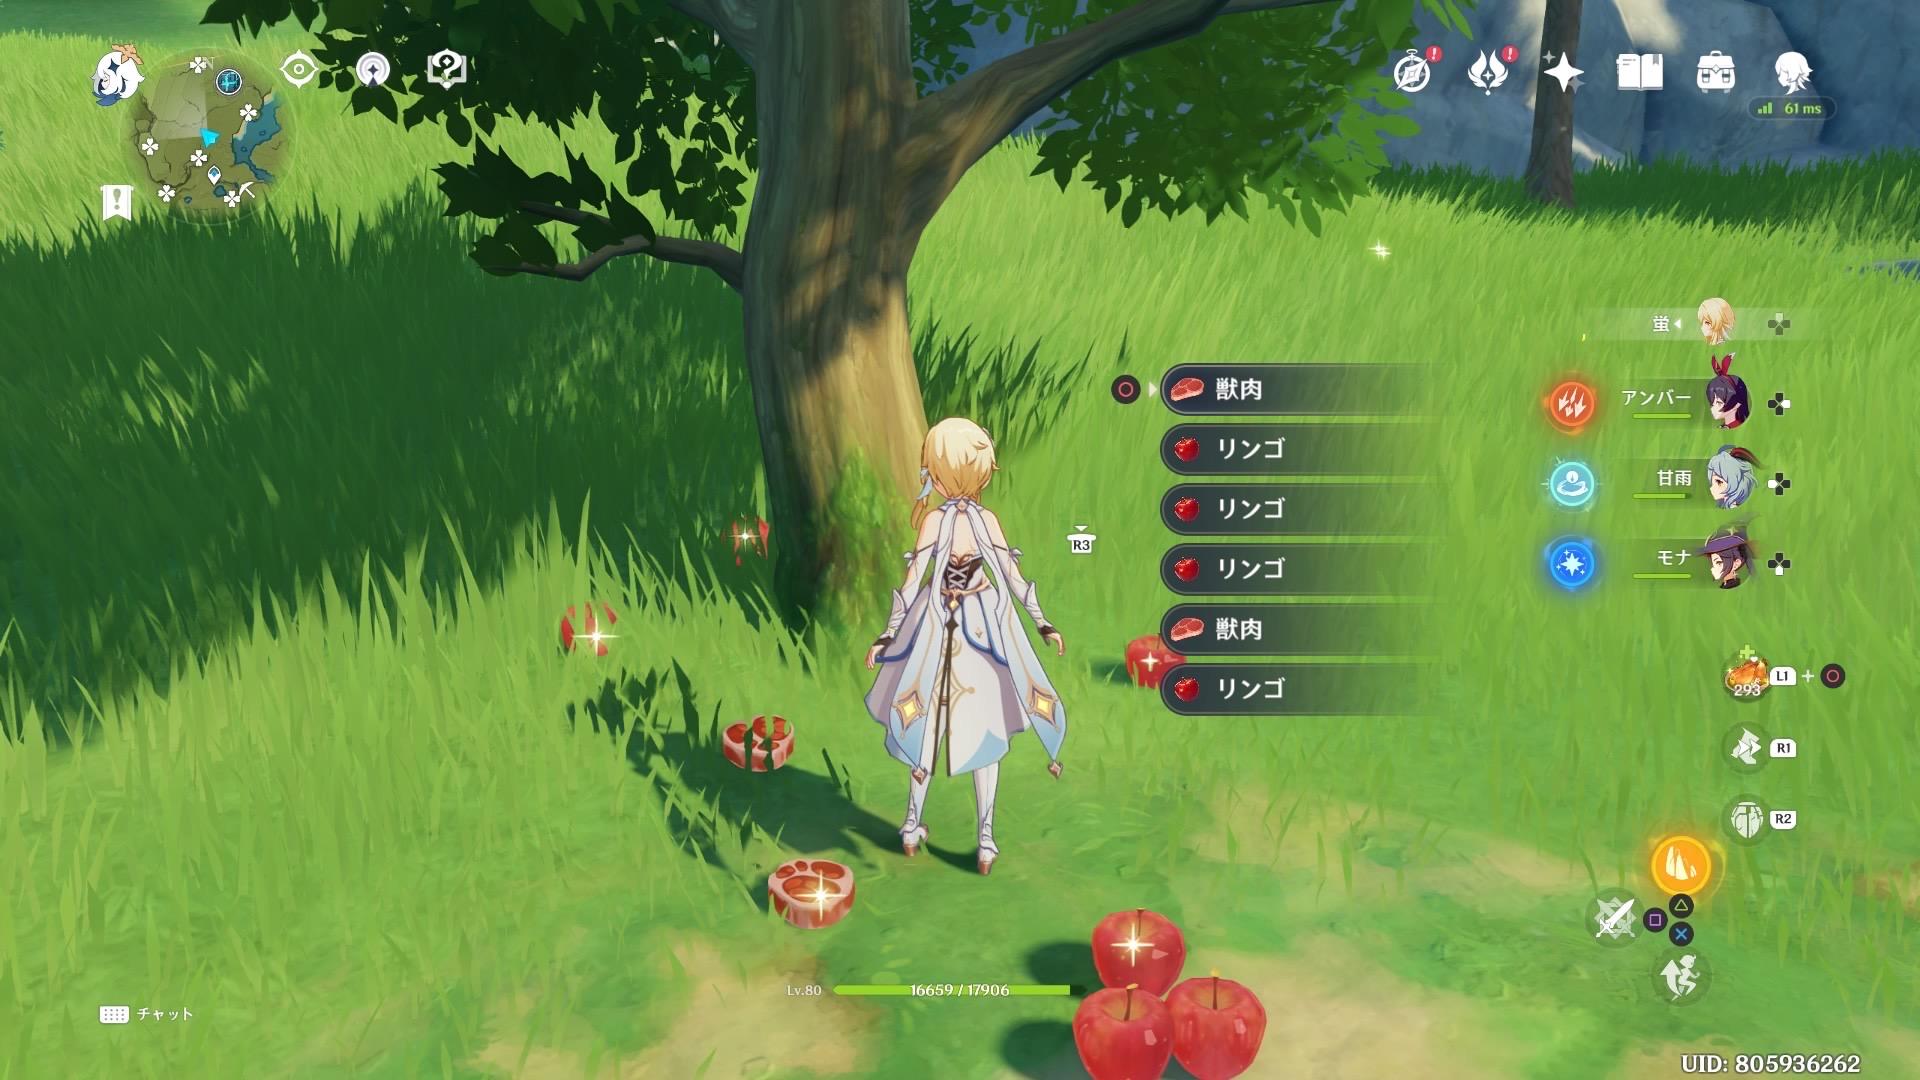 【原神まとめ】だからりんごの場所教えろっつってんだよ!